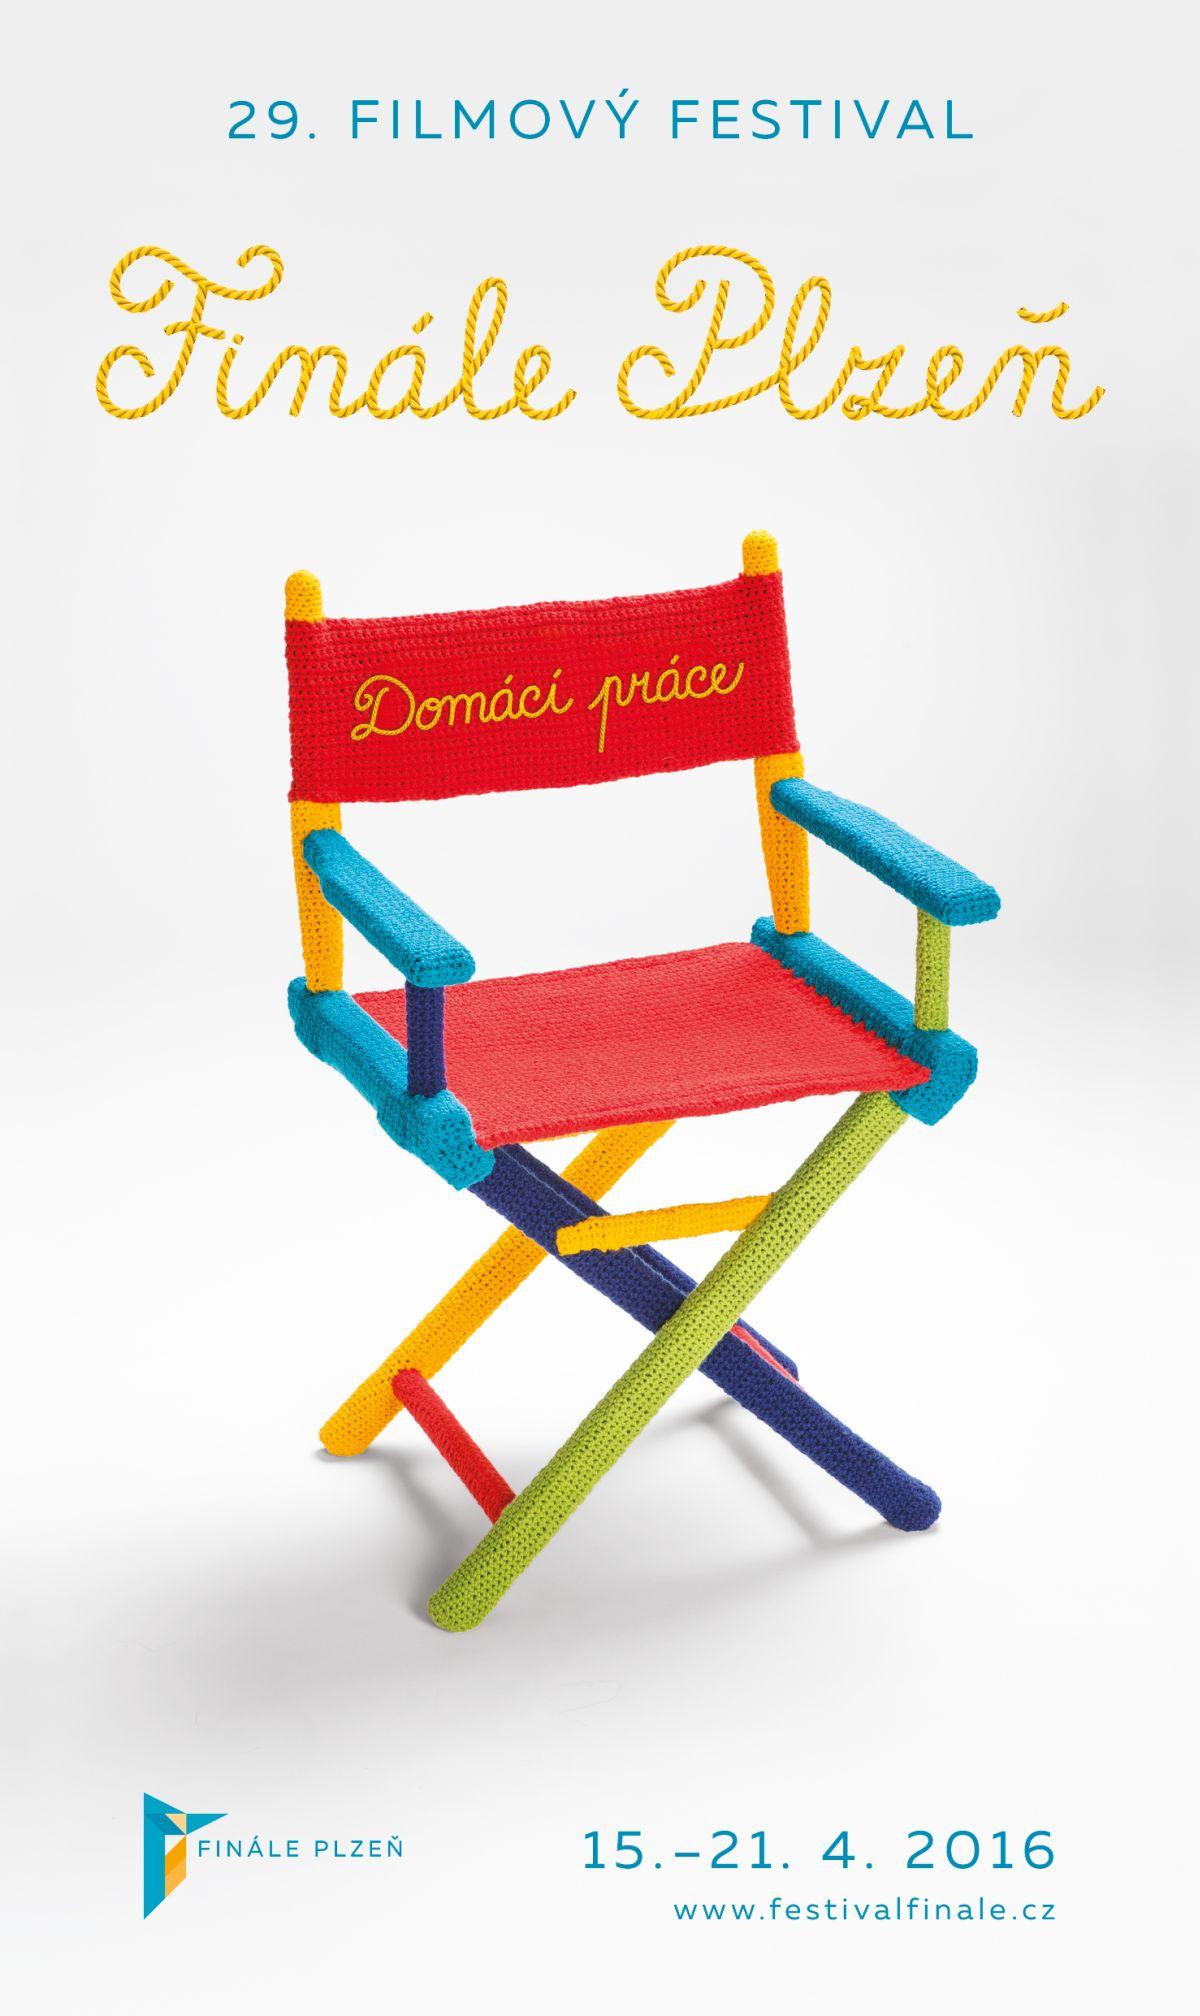 Opletená klapka, kamera a skládací židle poukazují na způsob výroby českých filmů